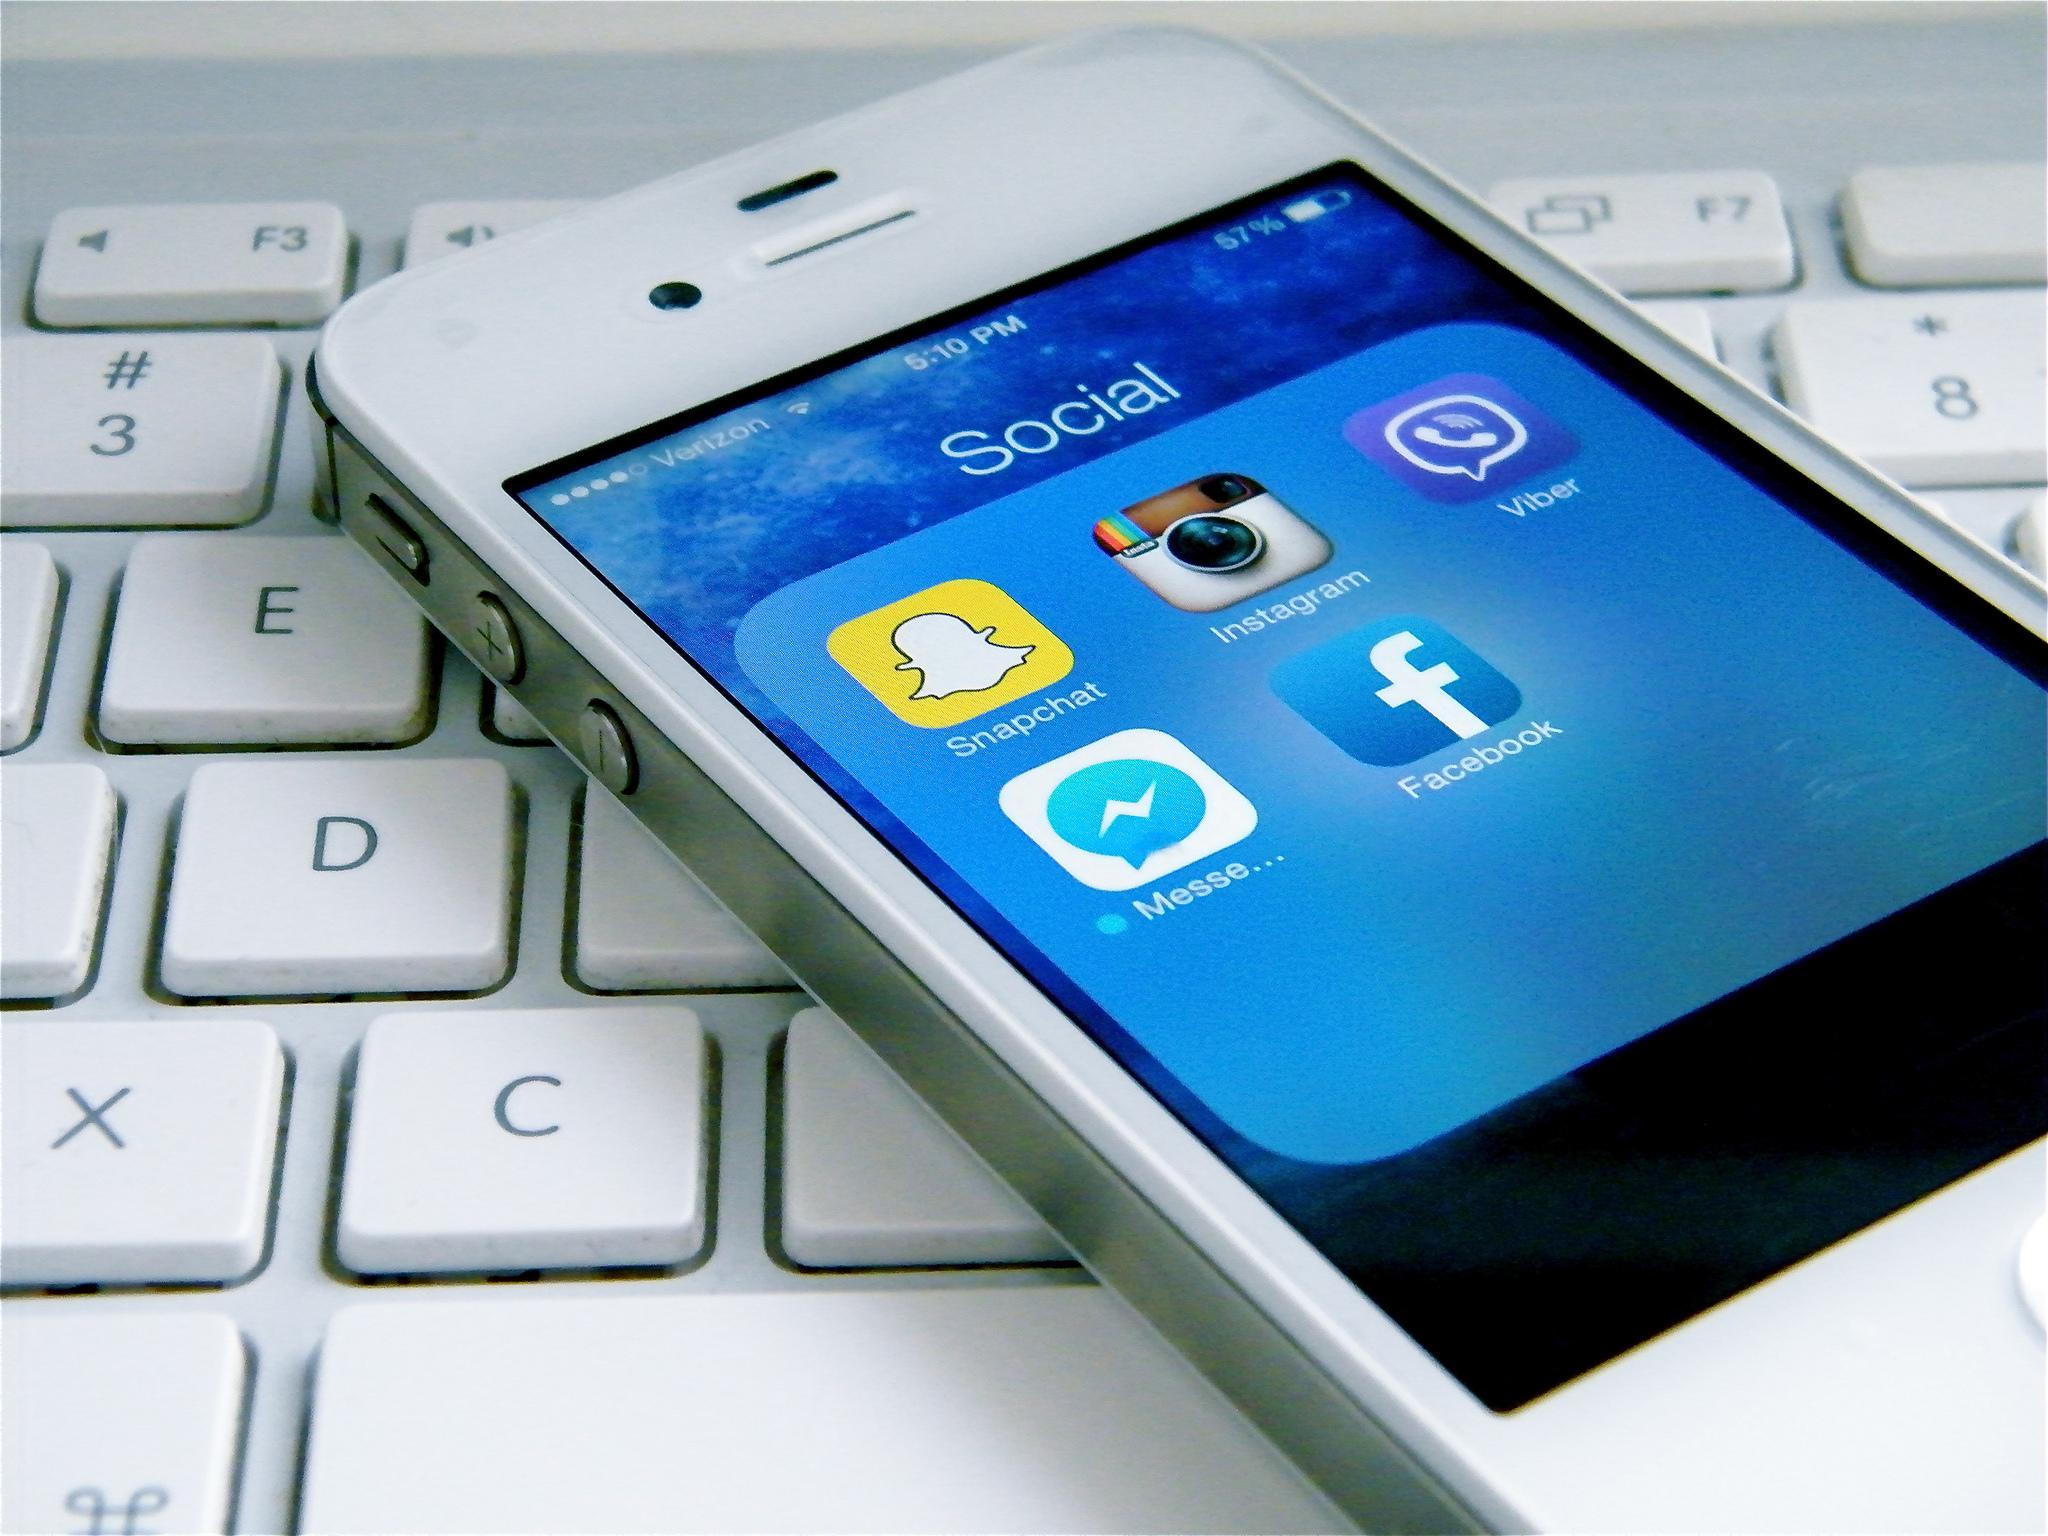 Best phone for social media